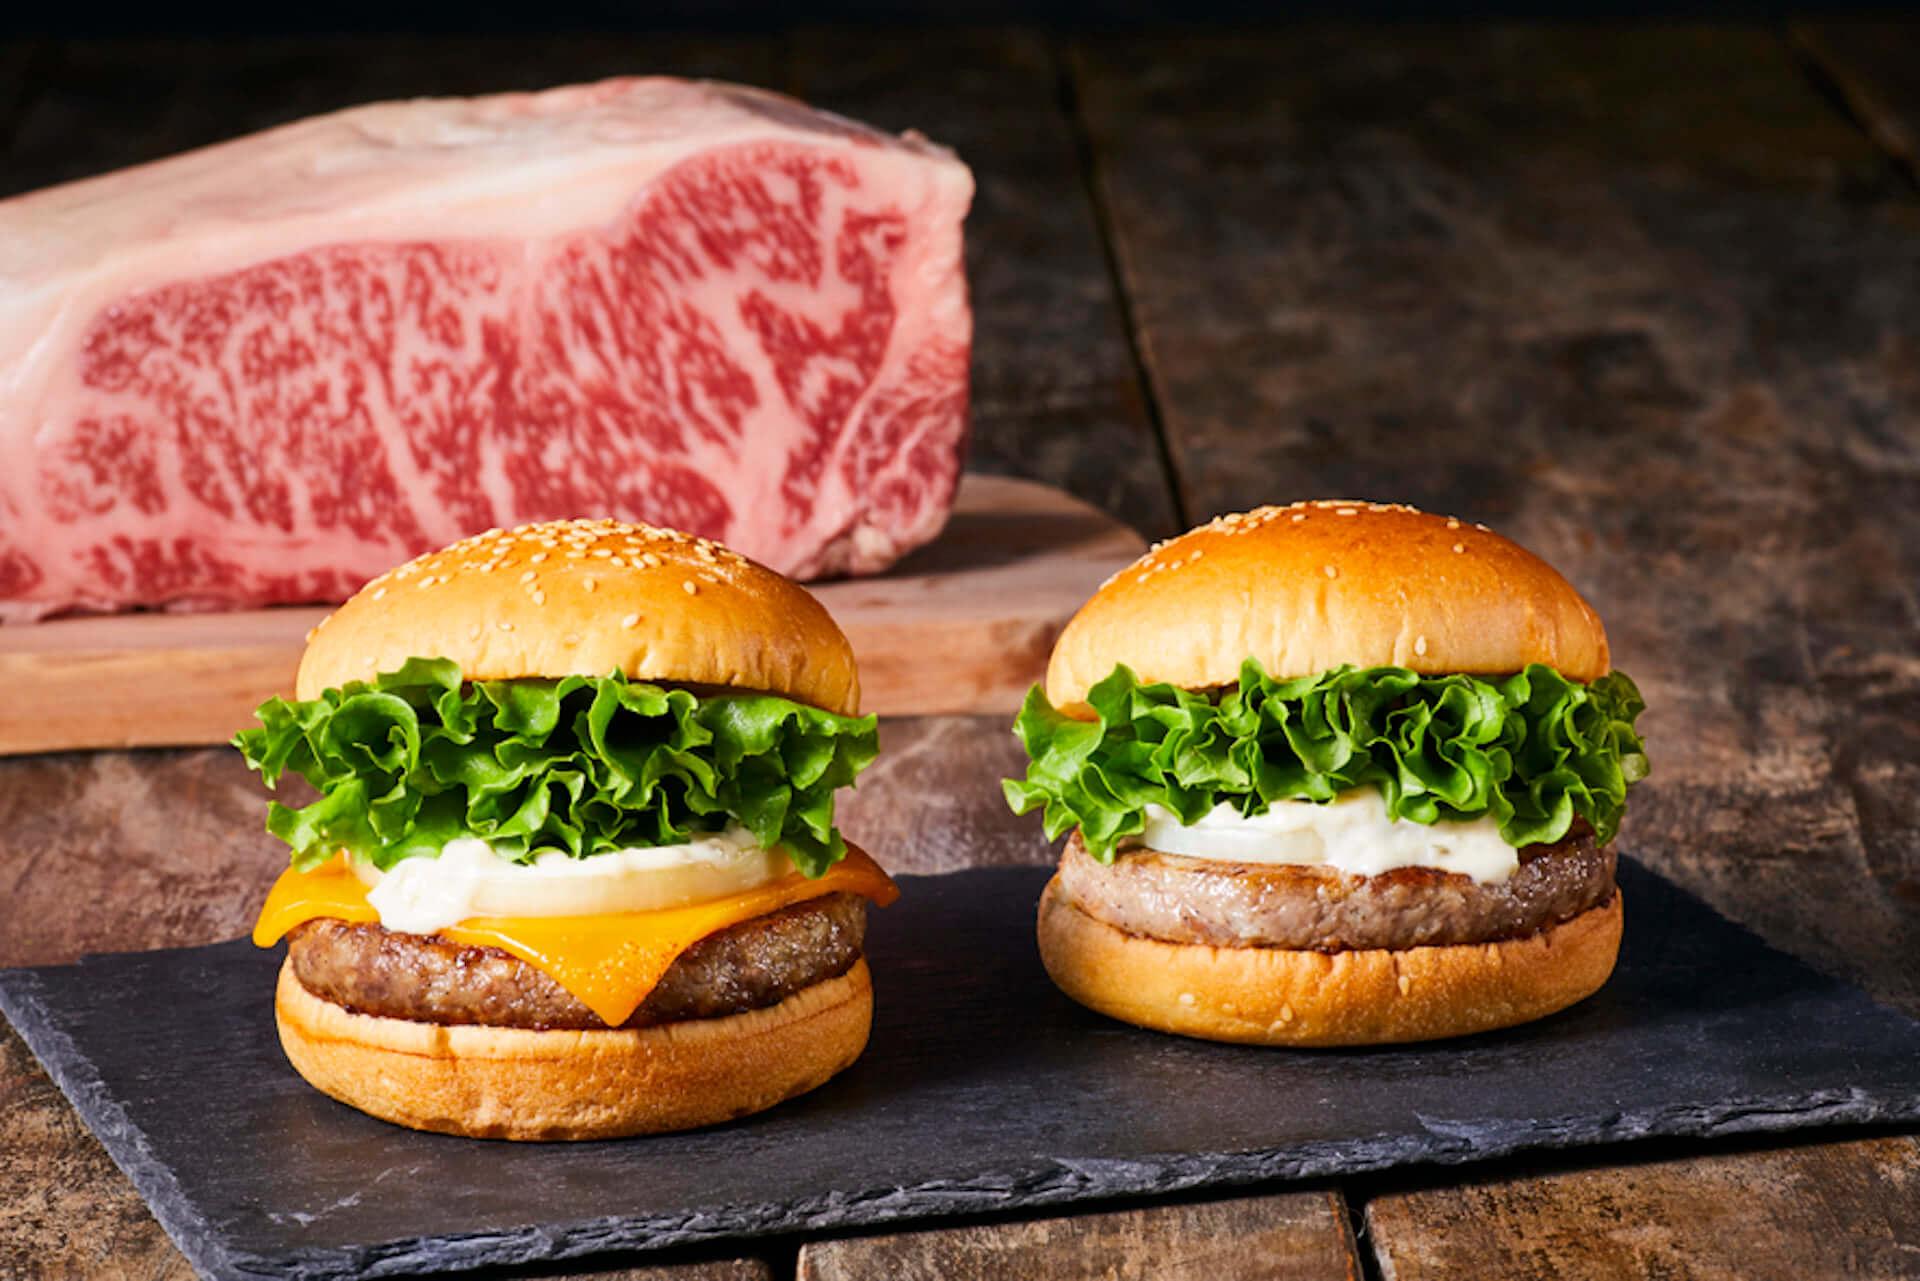 神戸牛肉の旨味たっぷりの「ブランド和牛バーガー」が今年もフレッシュネスバーガーに登場!期間限定商品『神戸牛バーガー』&『神戸牛チーズバーガー』が発売決定 gourmet201117_freshnessburger_1-1920x1281